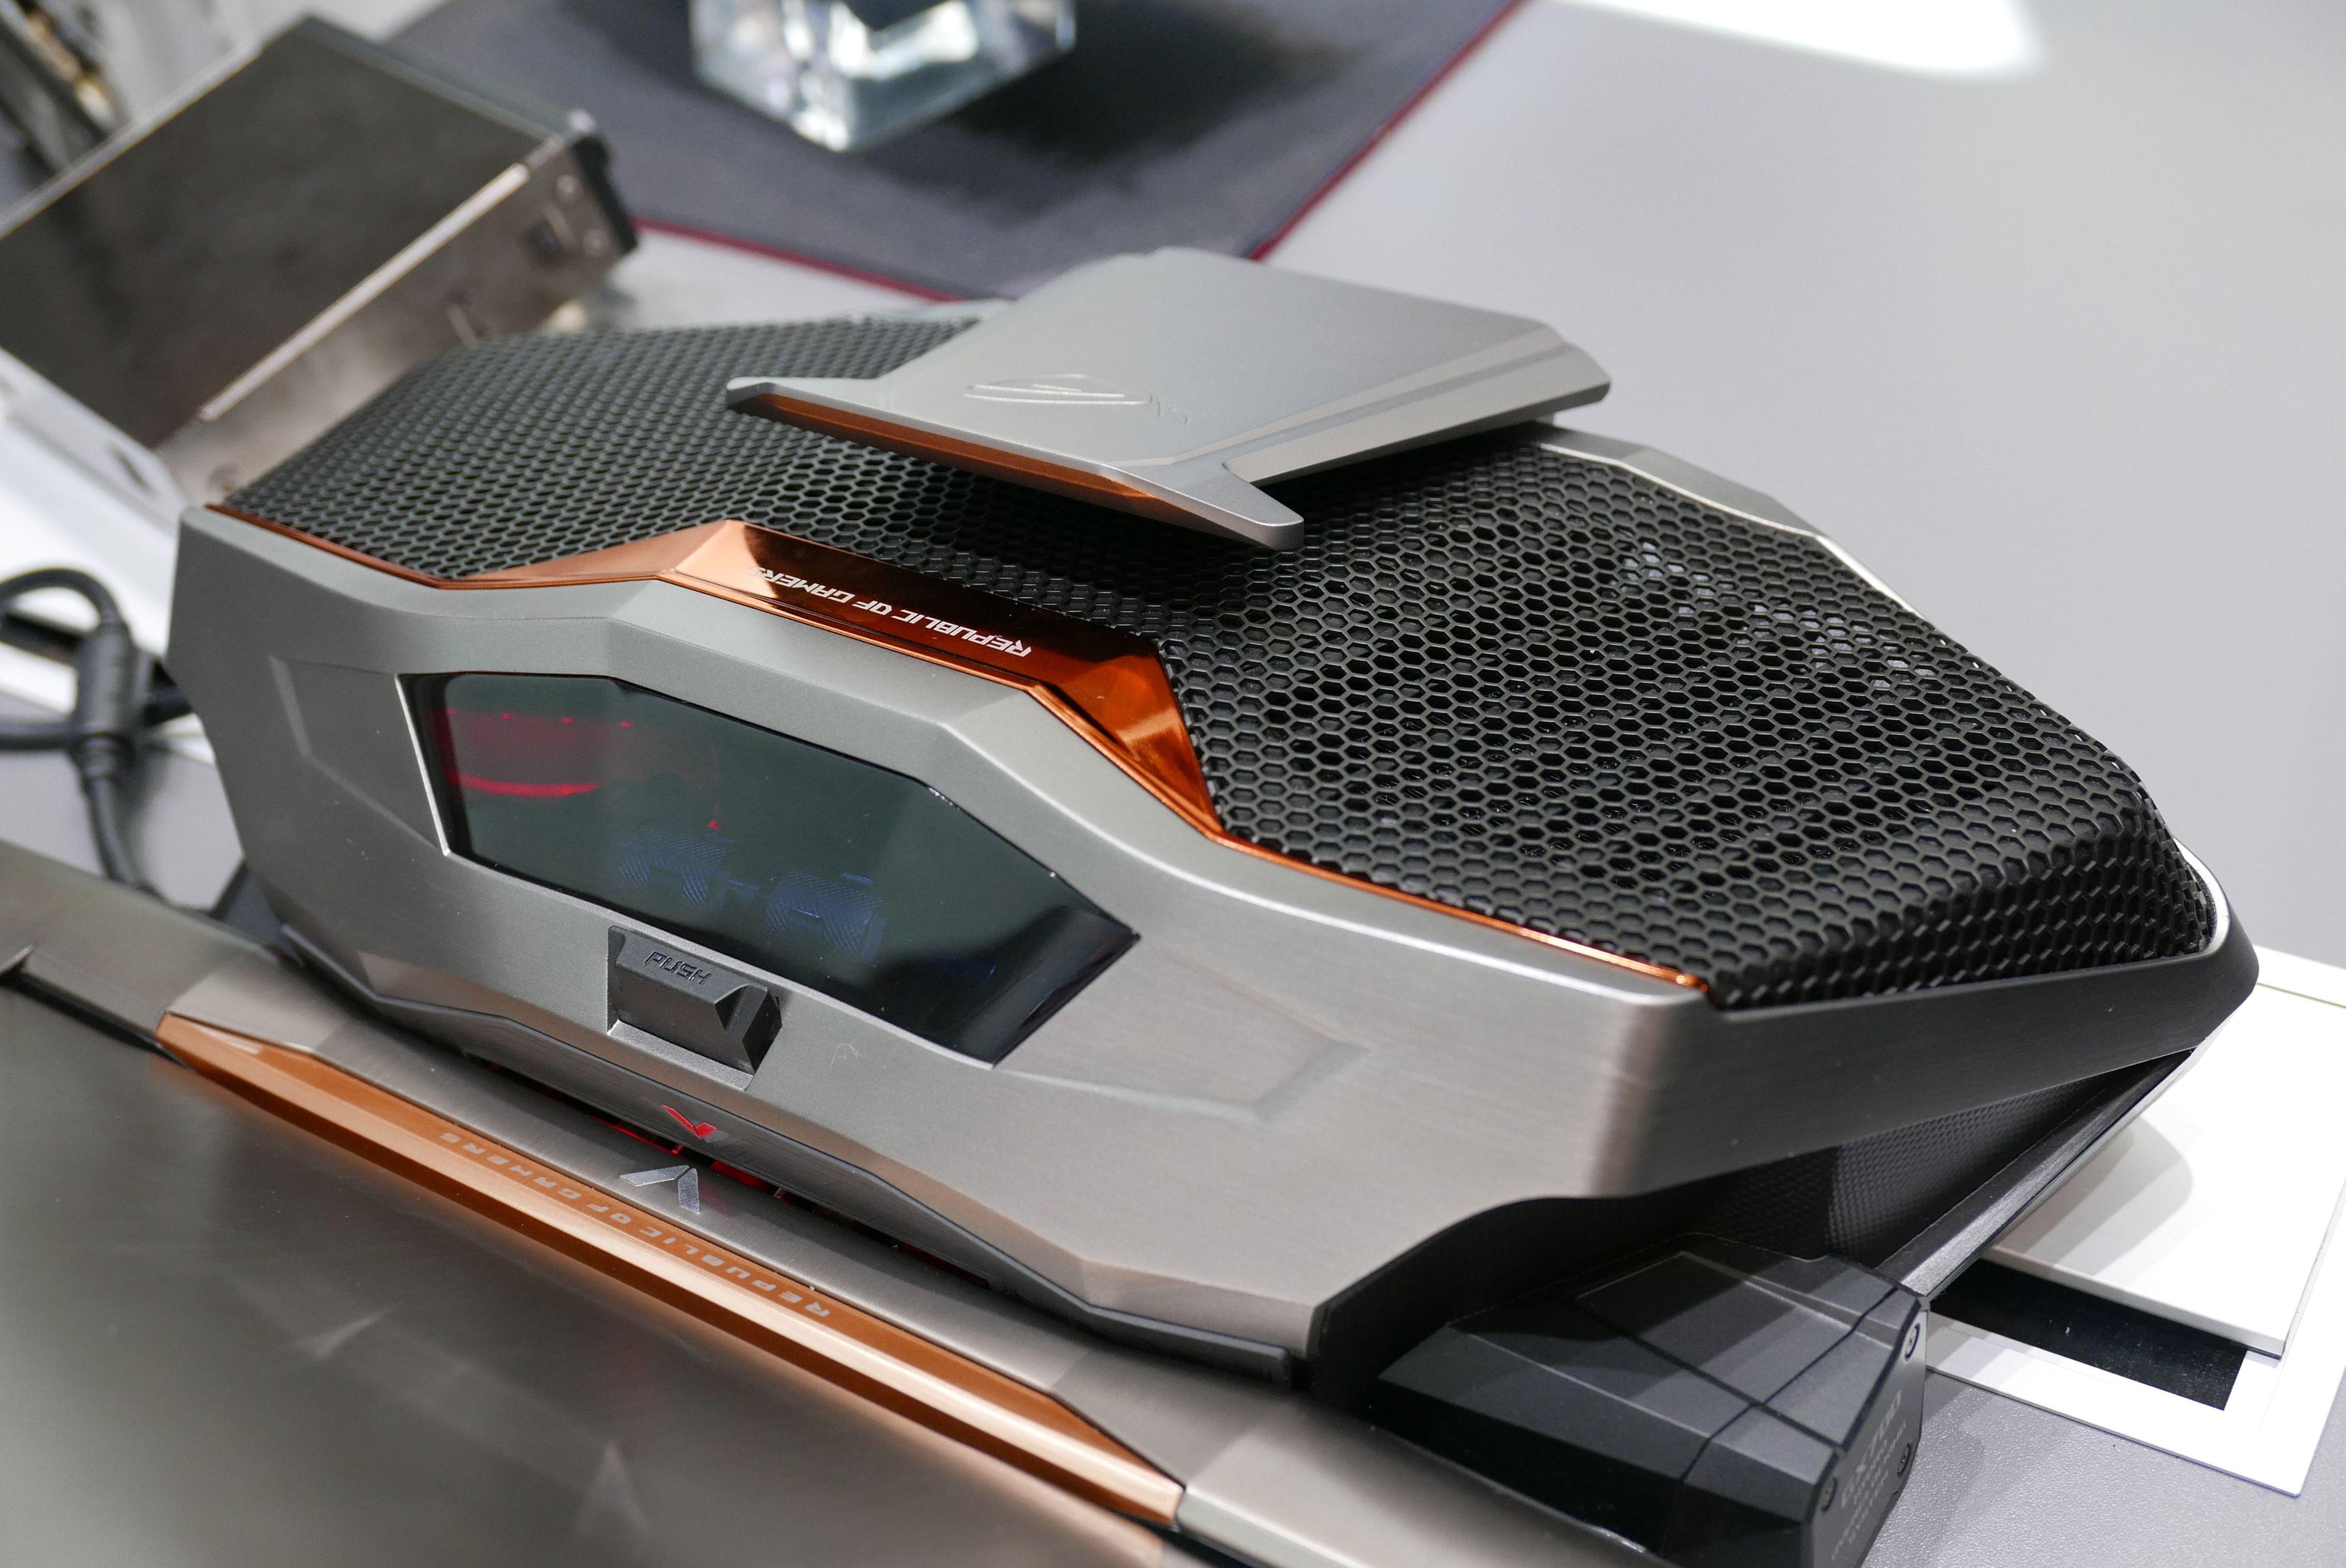 Asus ROG GX700 har en egen vannkjøling for å holde grafikken kjølig. Foto: Ole Henrik Johansen / Tek.no